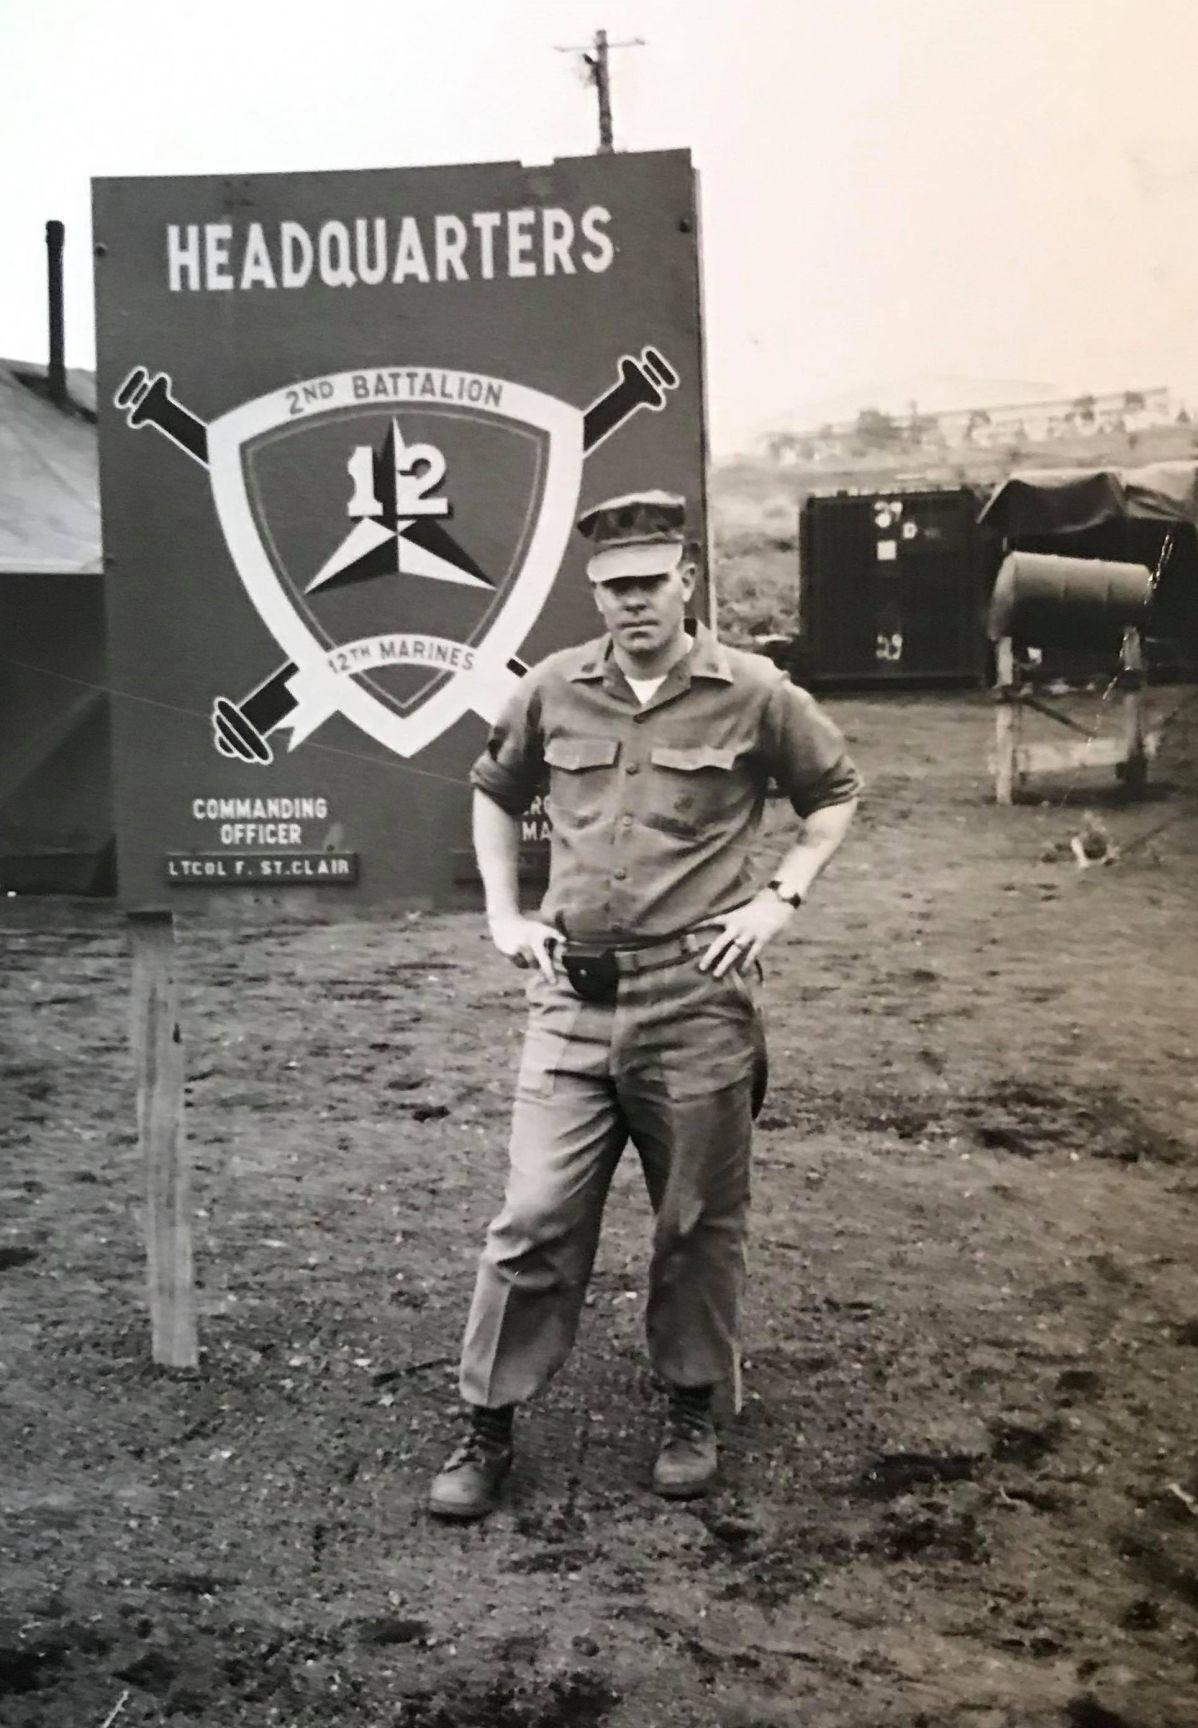 Stories of Honor: Ed Bartelt